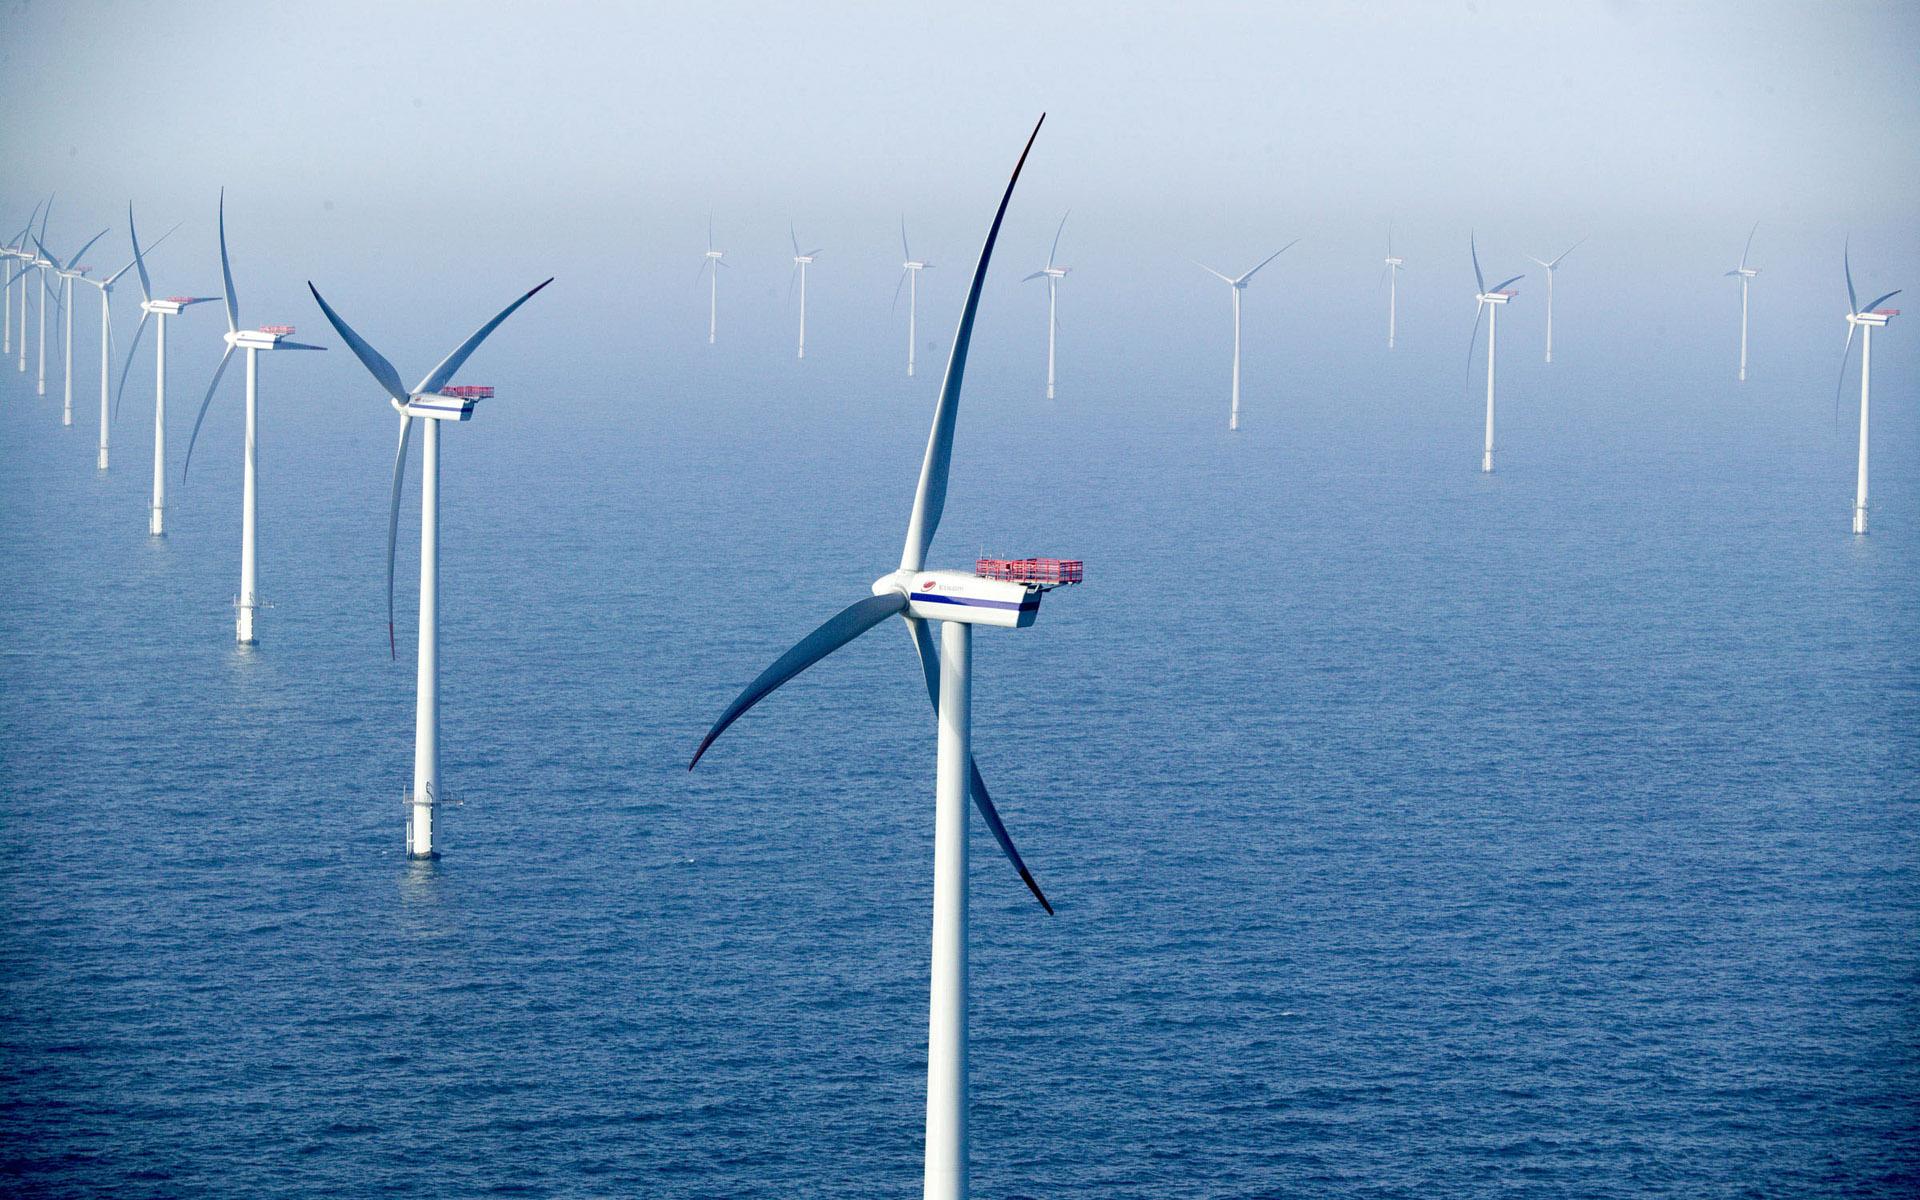 广东阳江规划建设全国首个风电城,助力实现碳达峰碳中和目标